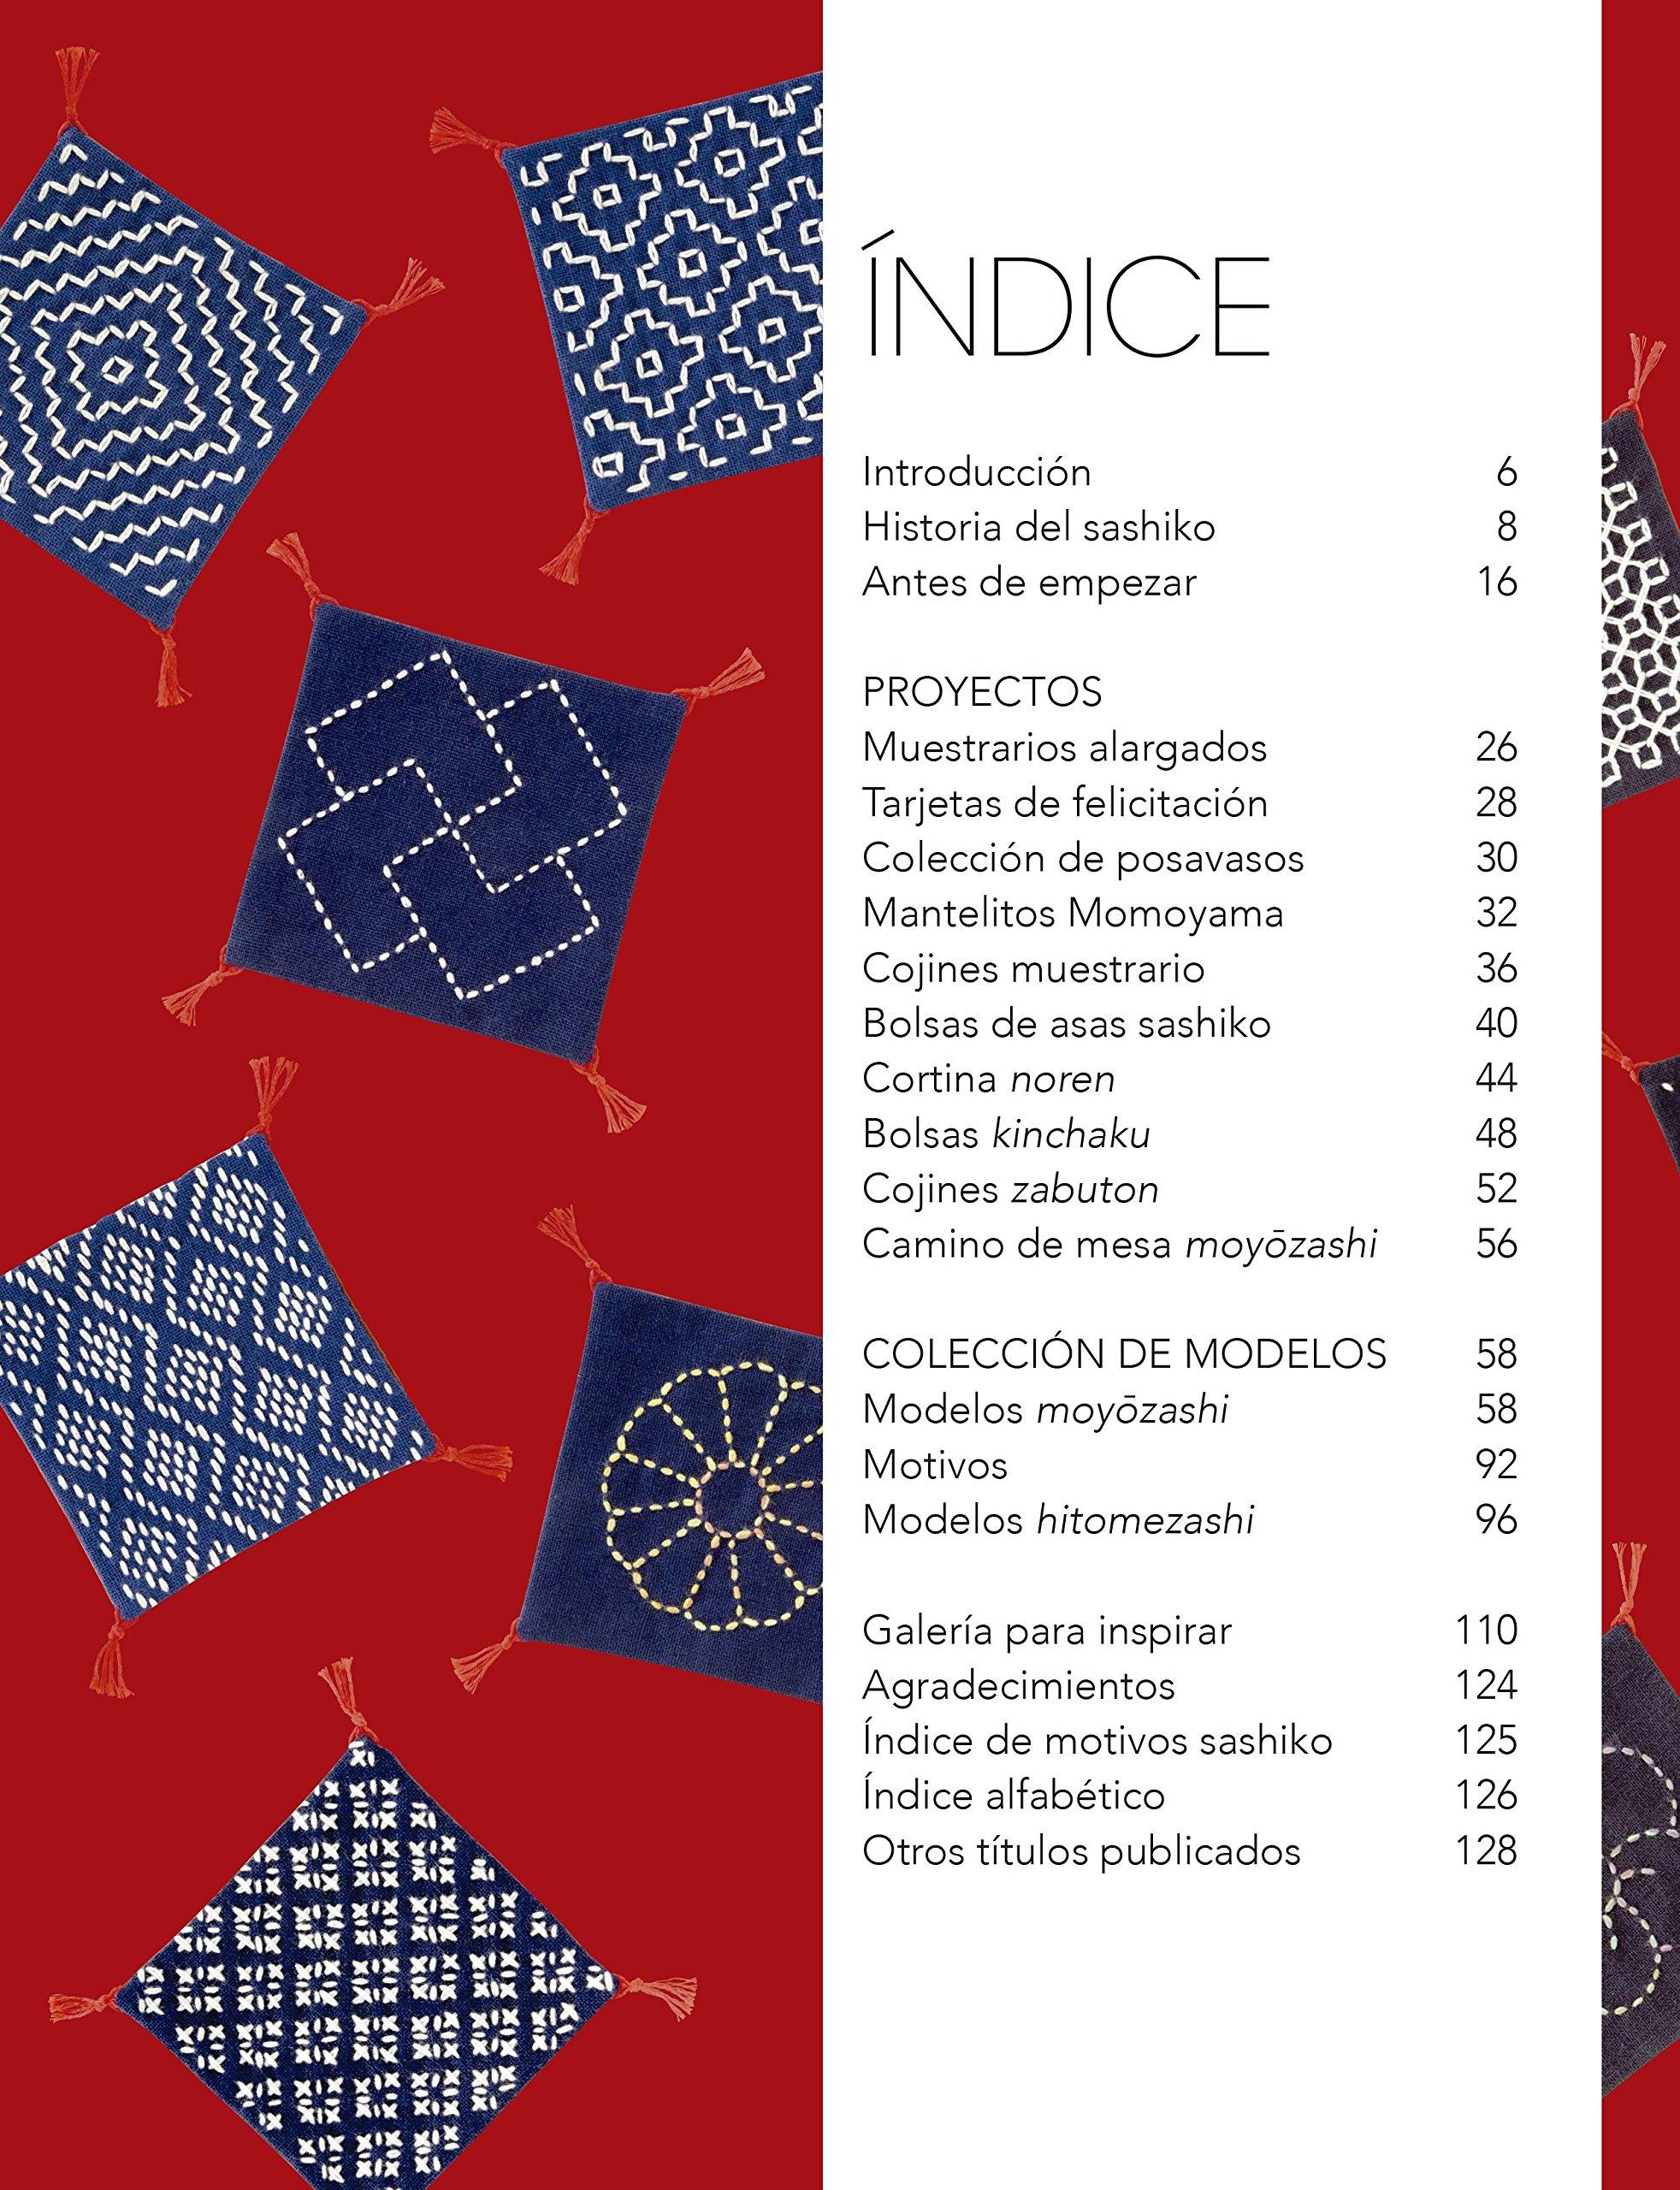 El gran libro del Sashiko : motivos y proyectos de bordado ...